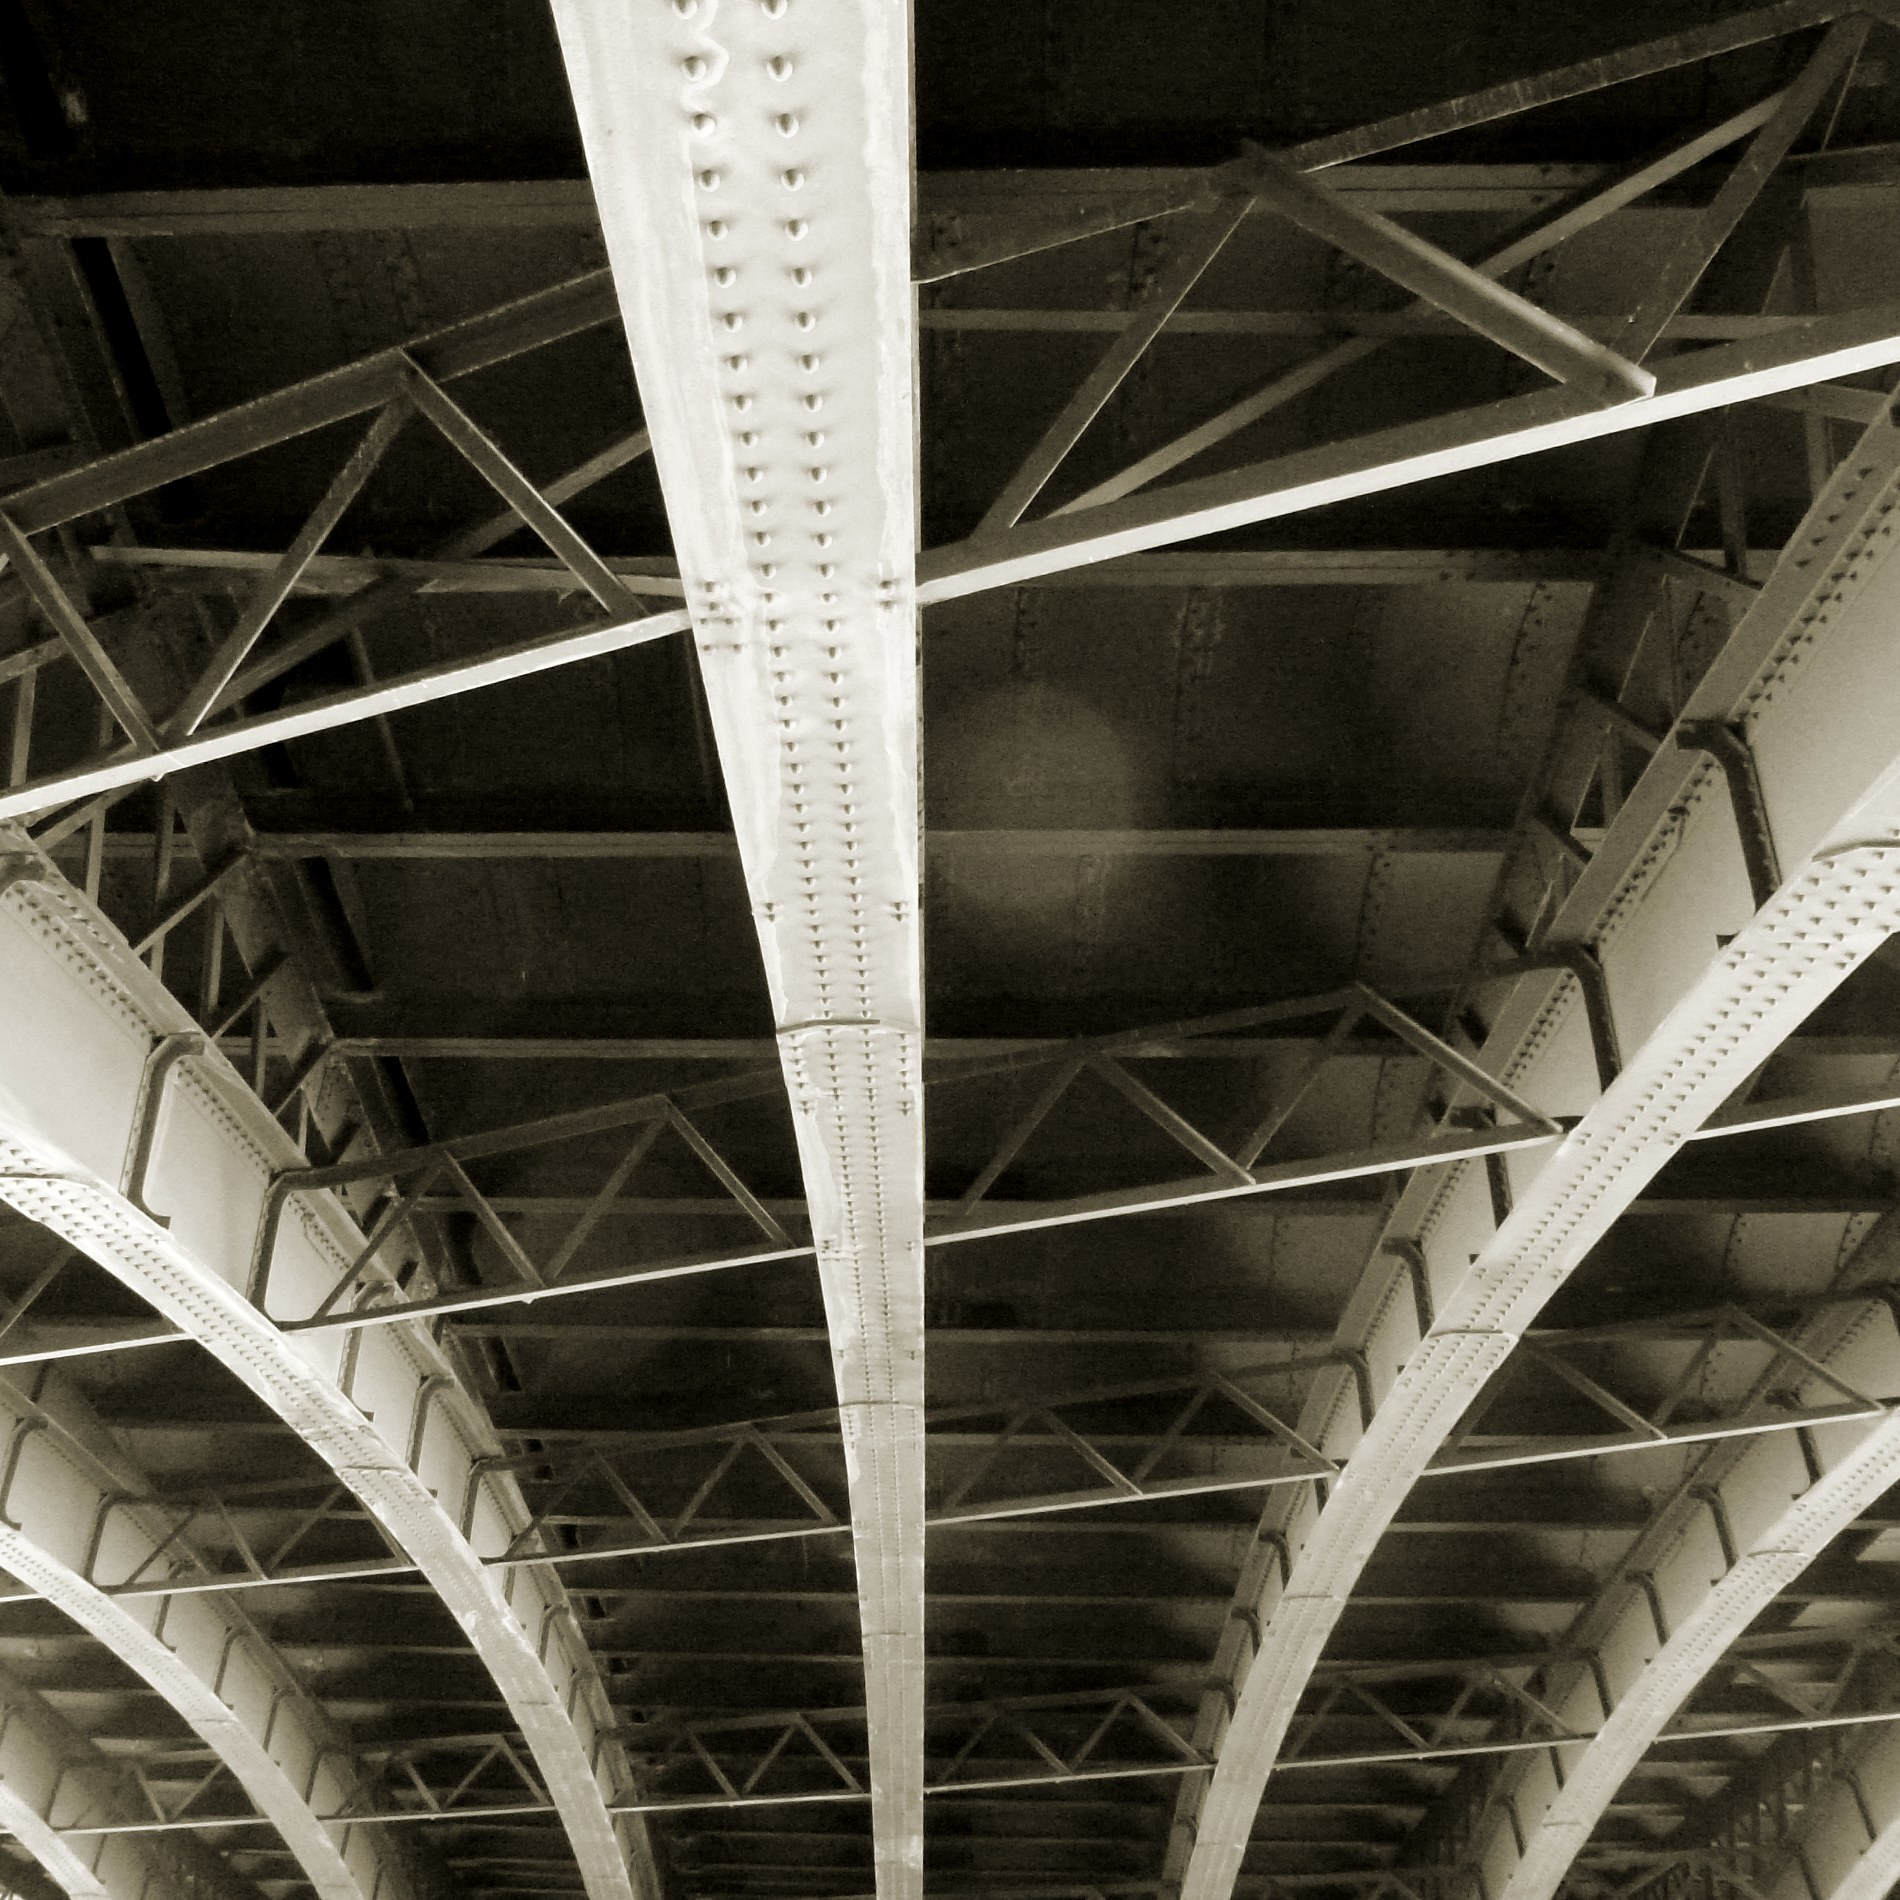 Bridge by neubauten